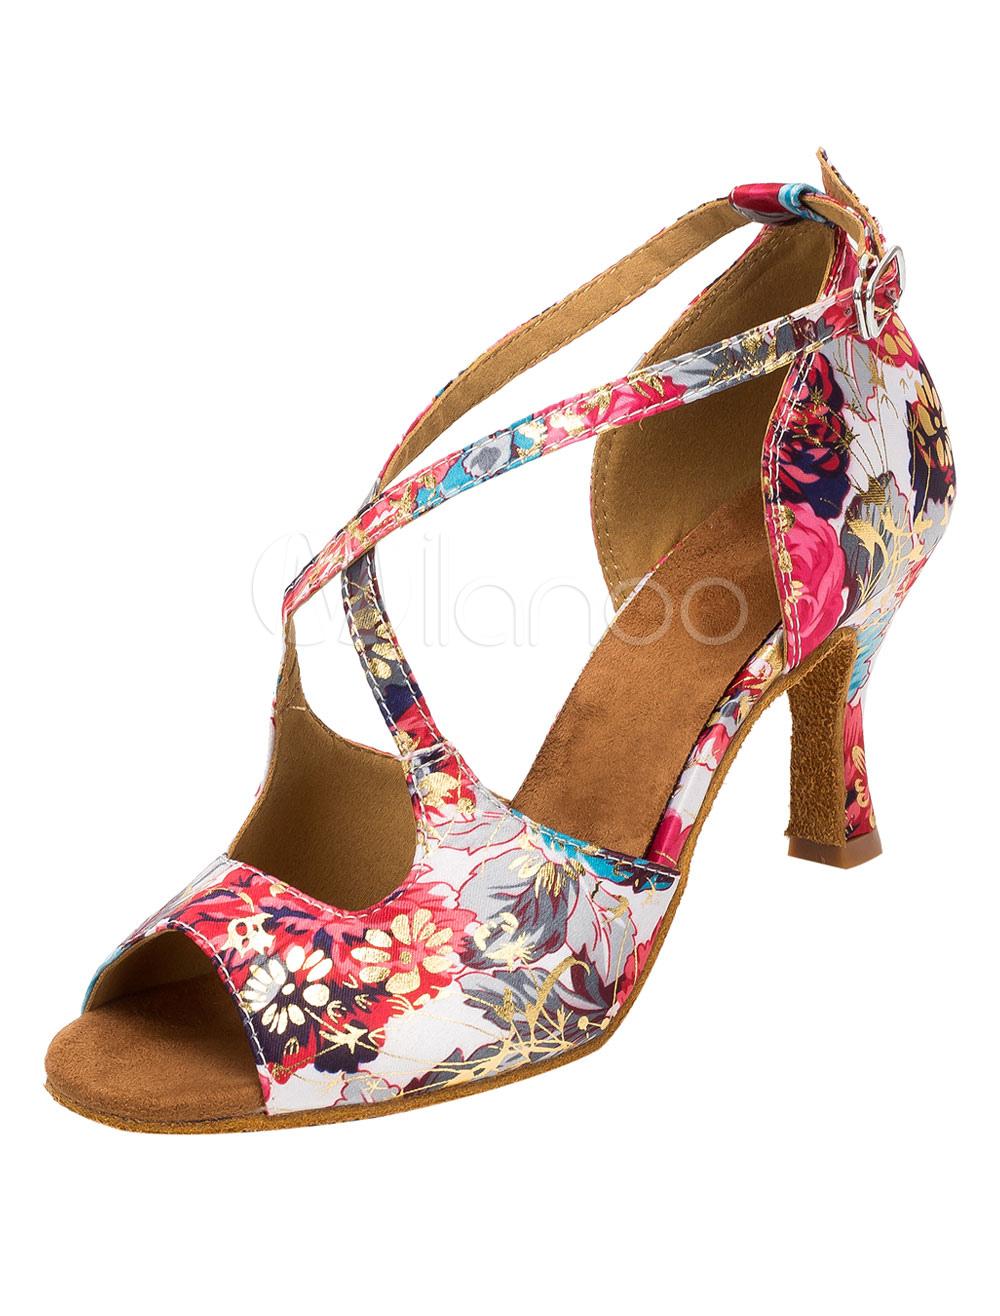 Salón Vintage zapatos de talón quemado impreso Floral Cruz frontal Correa T-zapatos de baile para mujeres 6fV5R